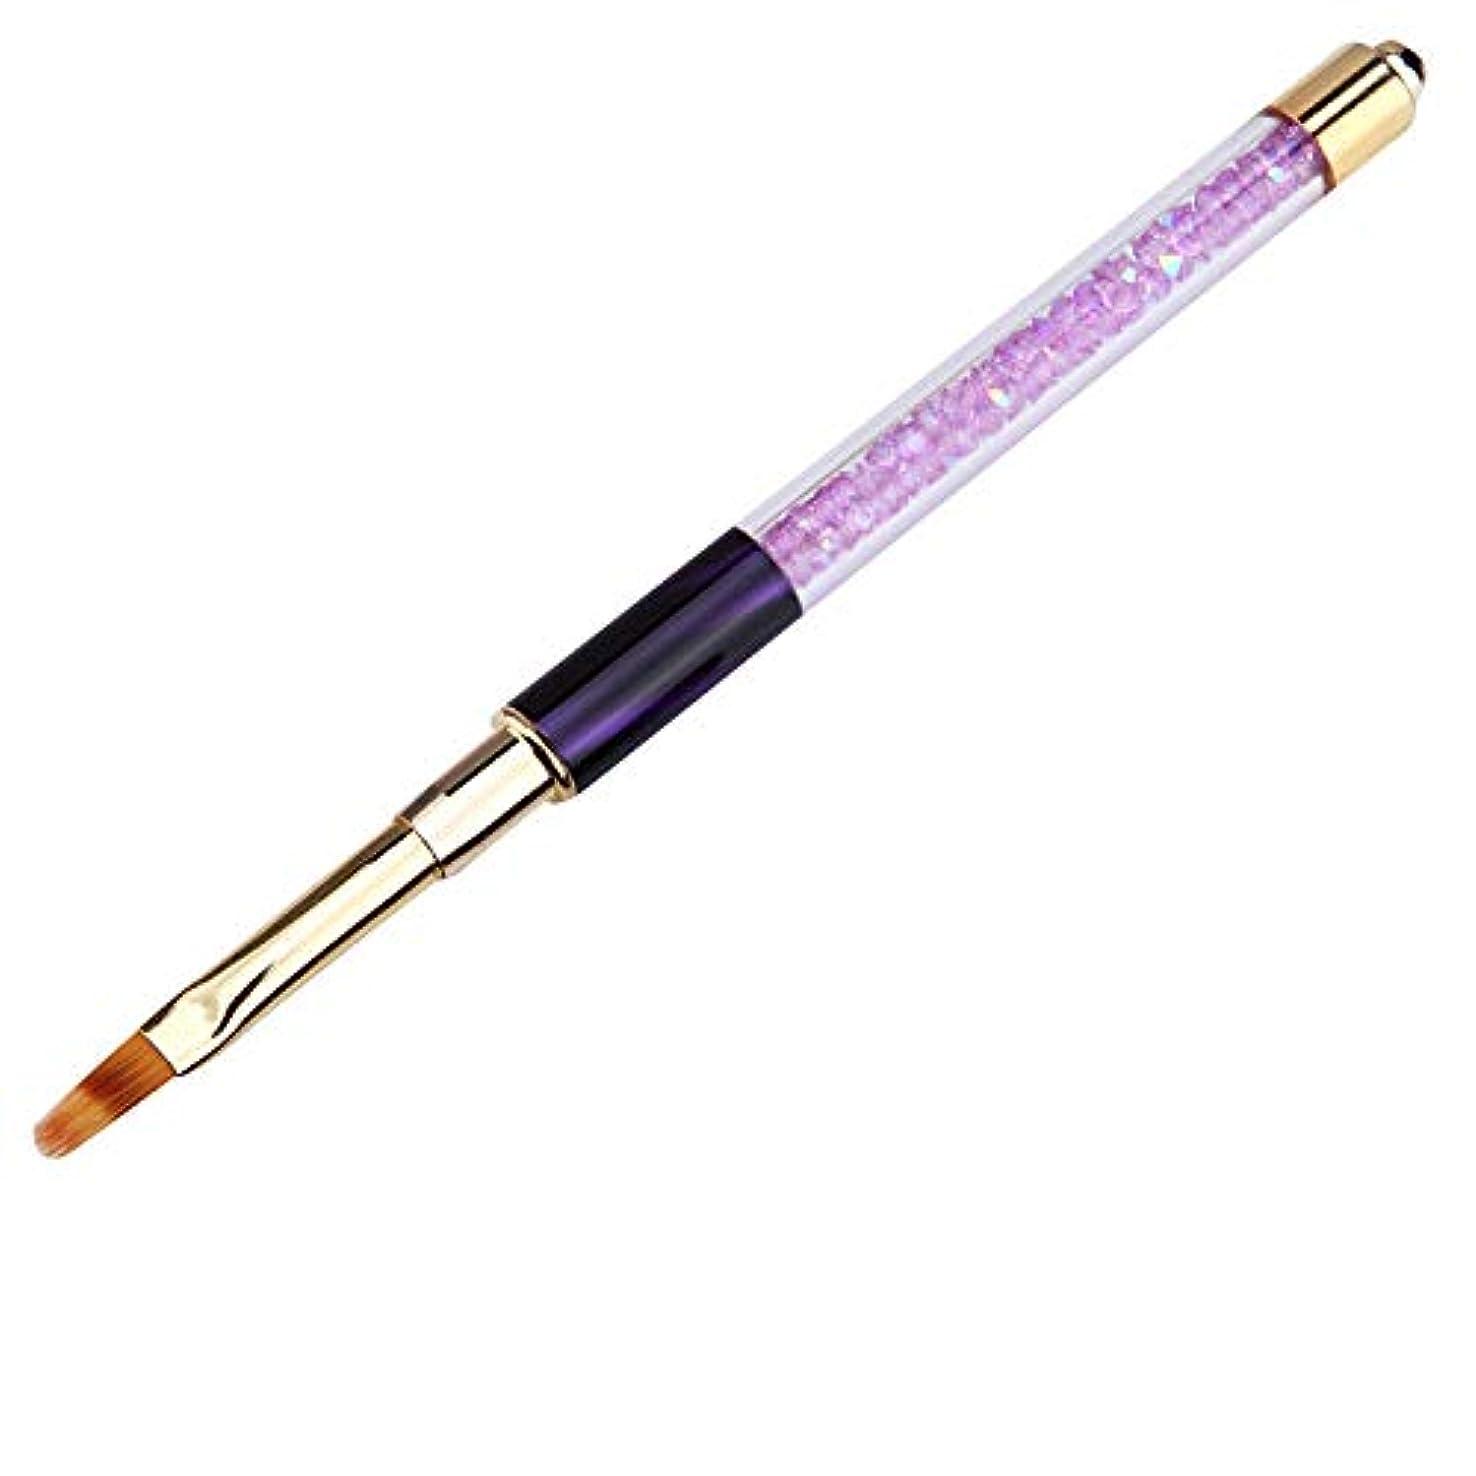 価格規模放出ACAMPTAR ネイルアートブラシのペン、ラインストーン、キャット?アイ、アクリルのハンドル、彫刻と絵画用、ジェル、ネイルの延長、マニキュア、ライナーのペン、02